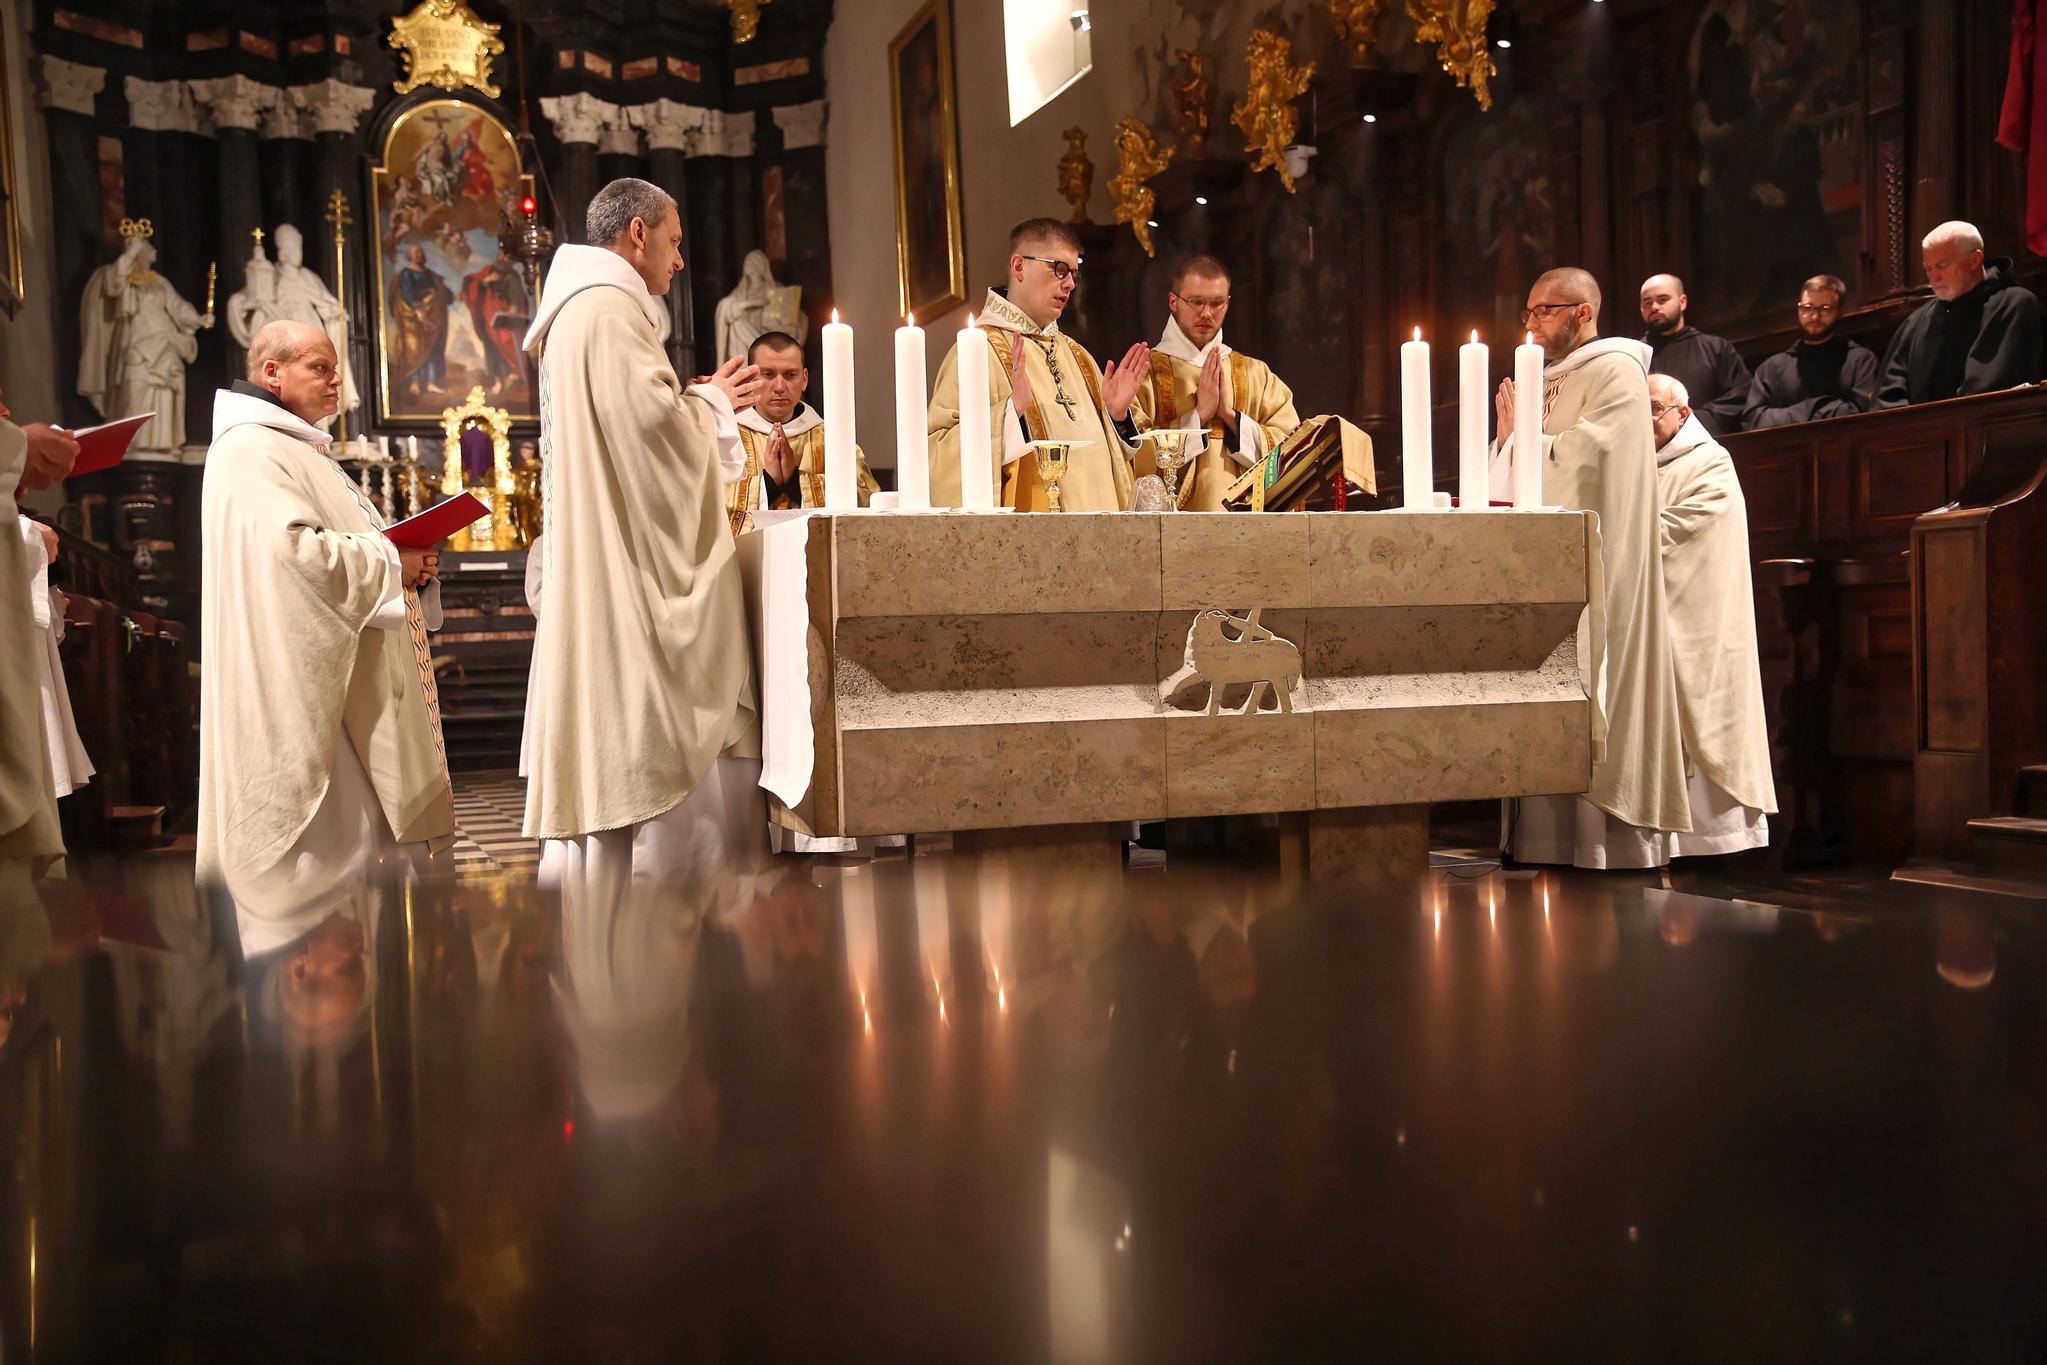 폴란드 남부 티니에의 베네딕트 수도원에서 미사를 진행 중인 모습. EPA=연합뉴스